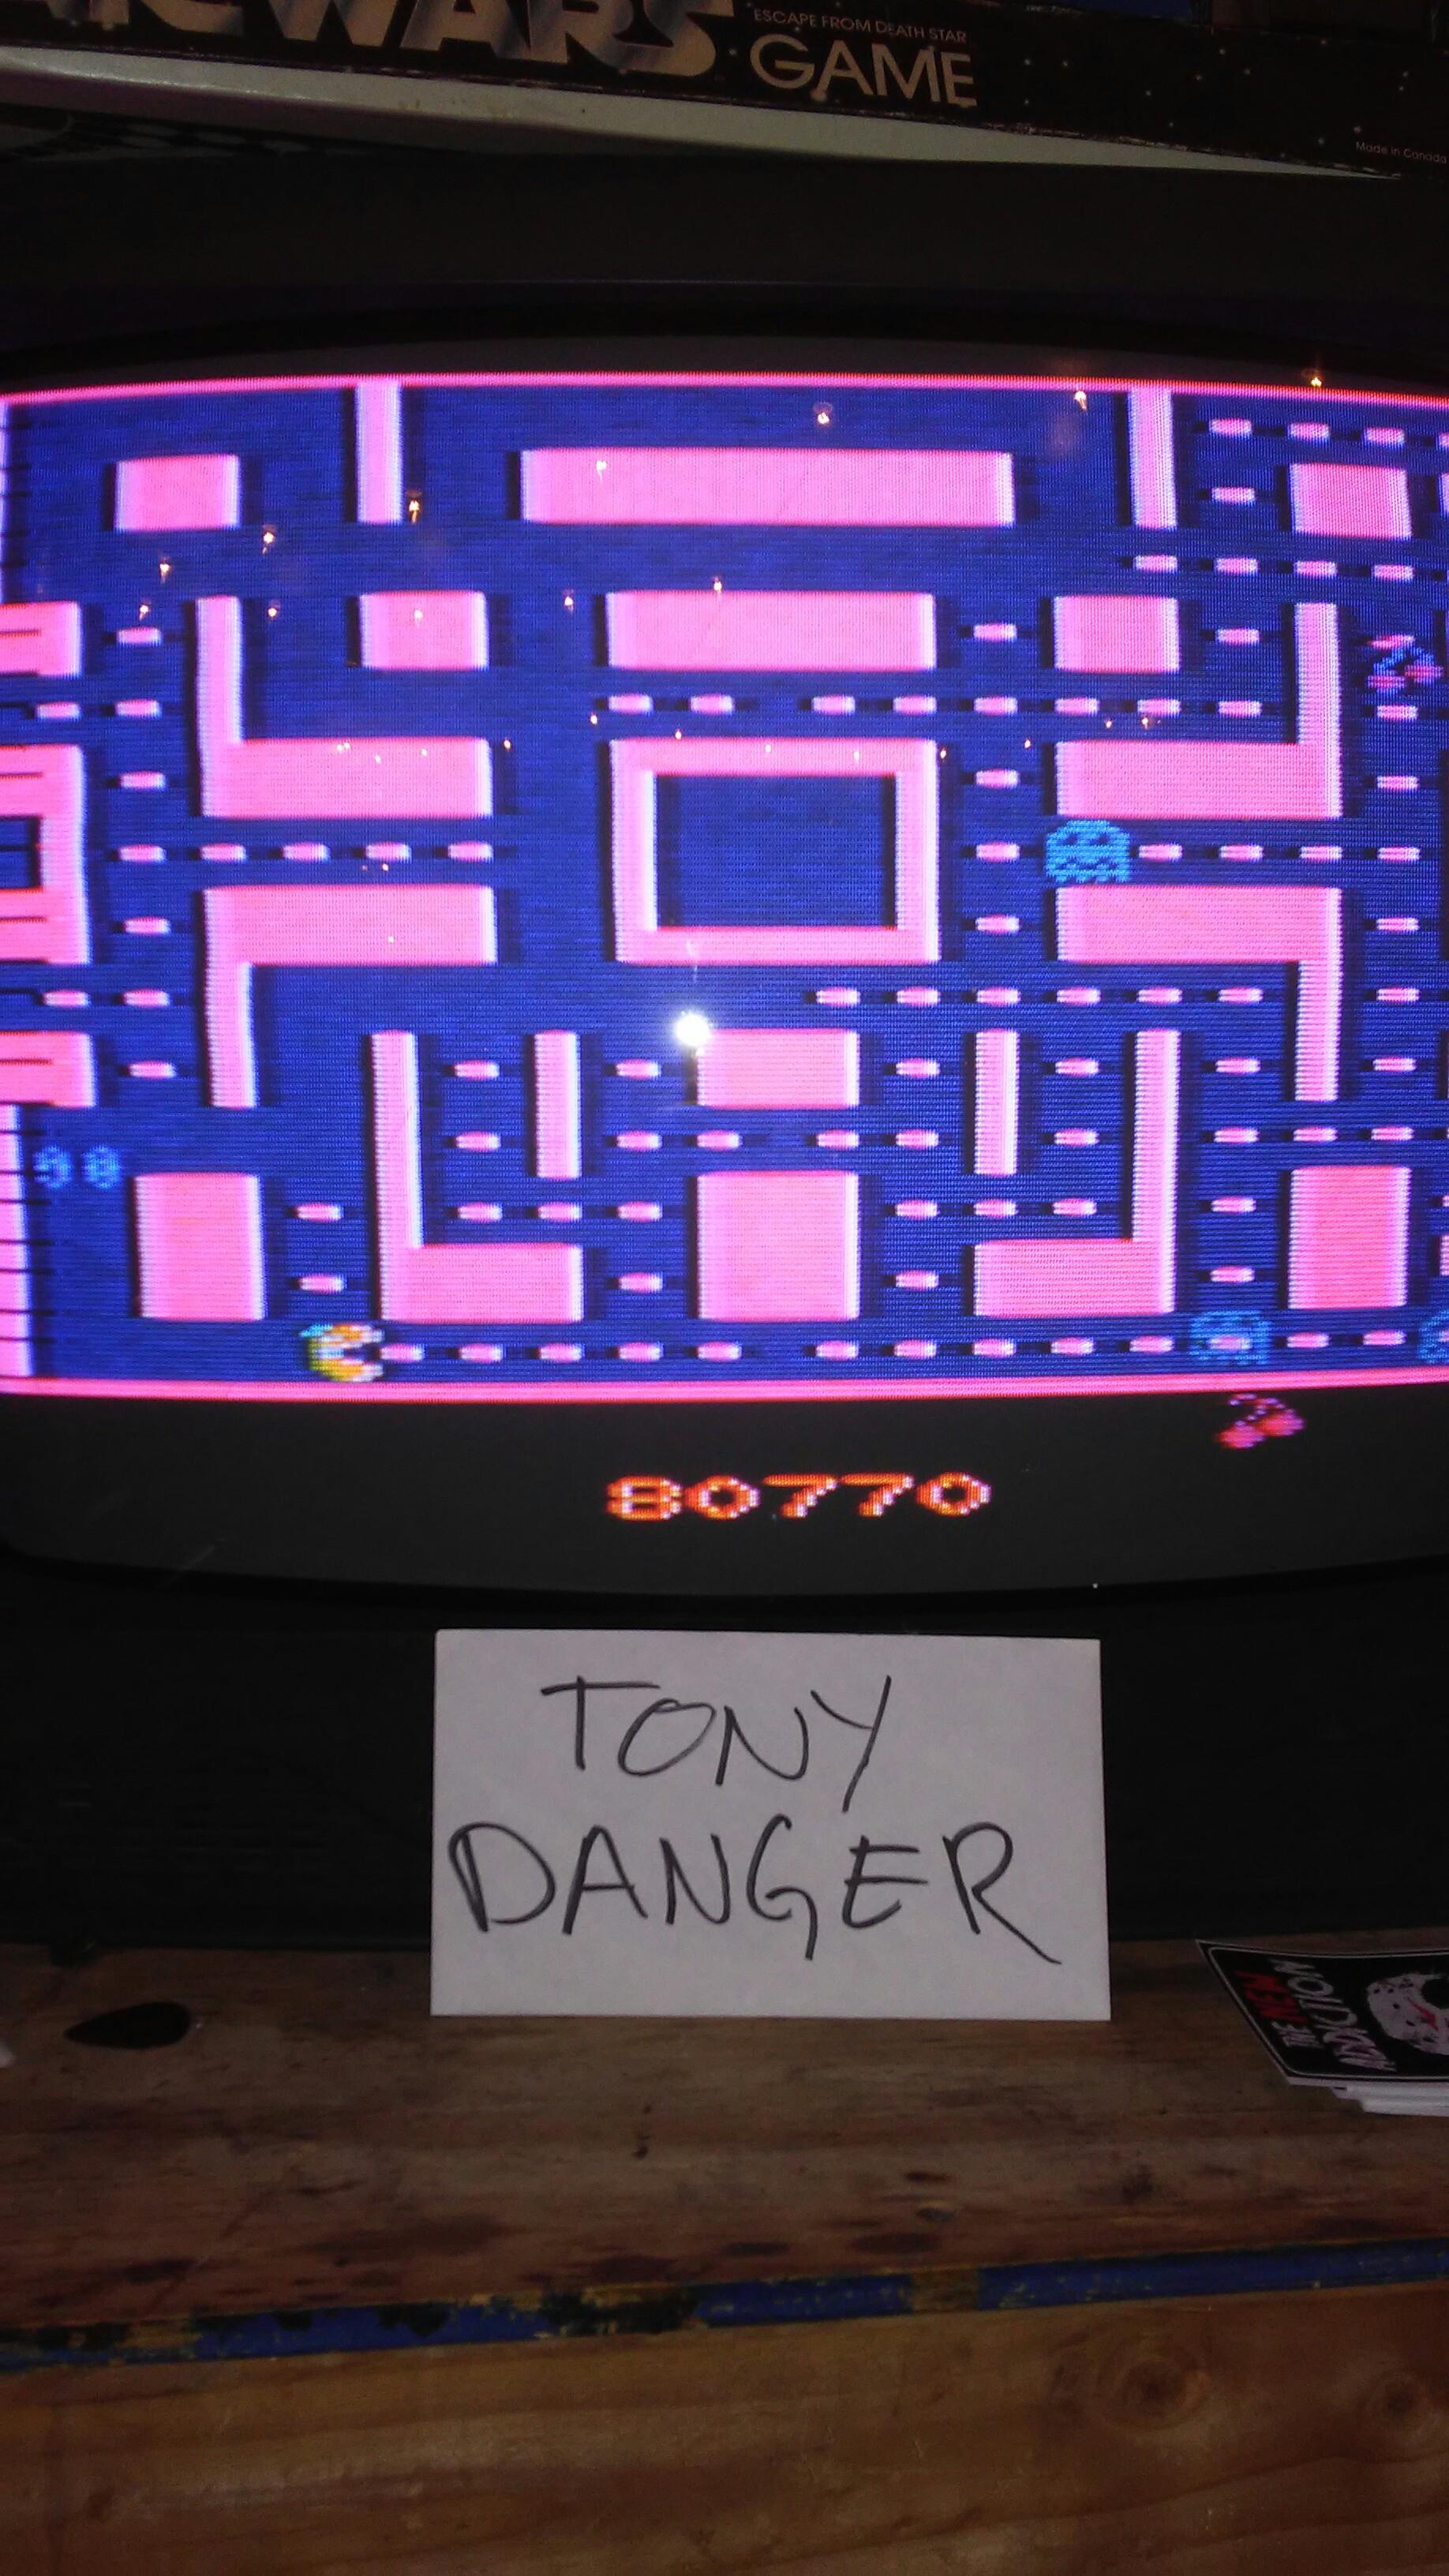 TonyDanger: Ms. Pac-Man (Atari 2600) 80,770 points on 2016-12-31 19:26:00